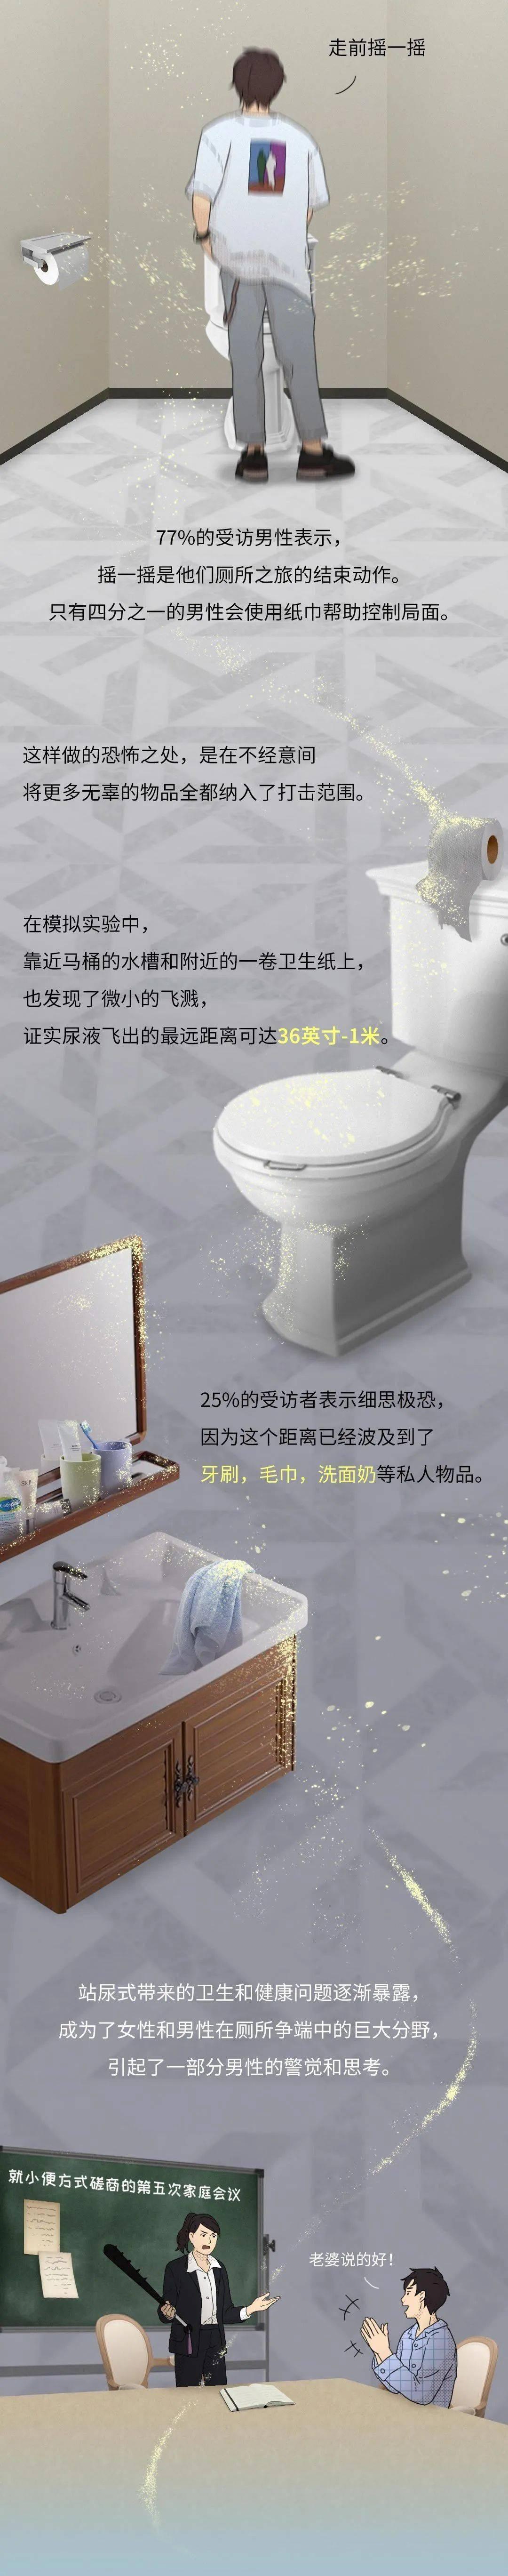 坐着尿尿,是一个男人成熟的标志 锻炼方法 第4张